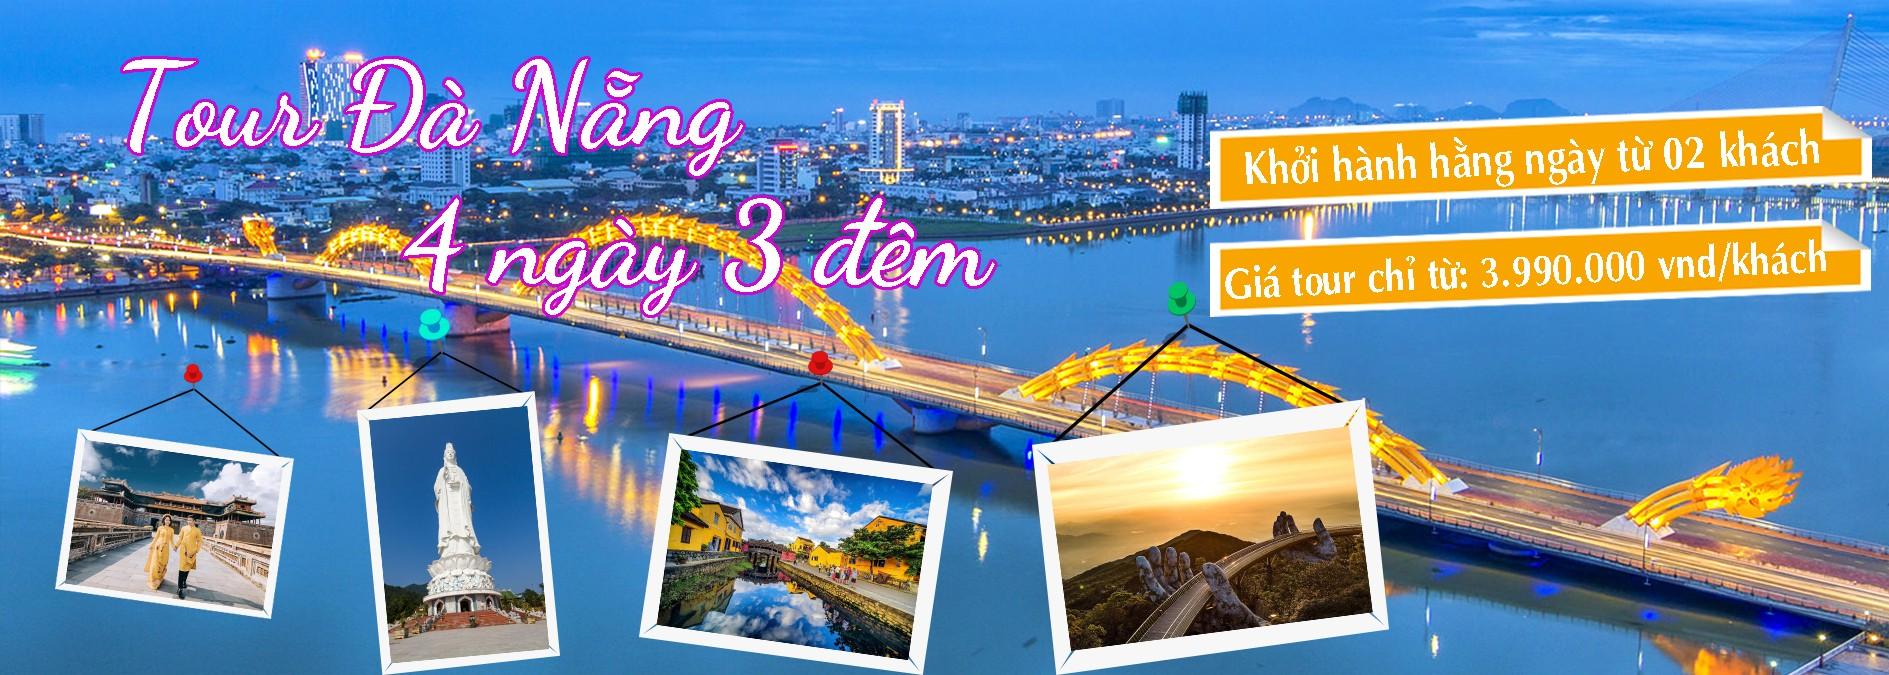 Tour Da Nang 4 ngay 3 dem